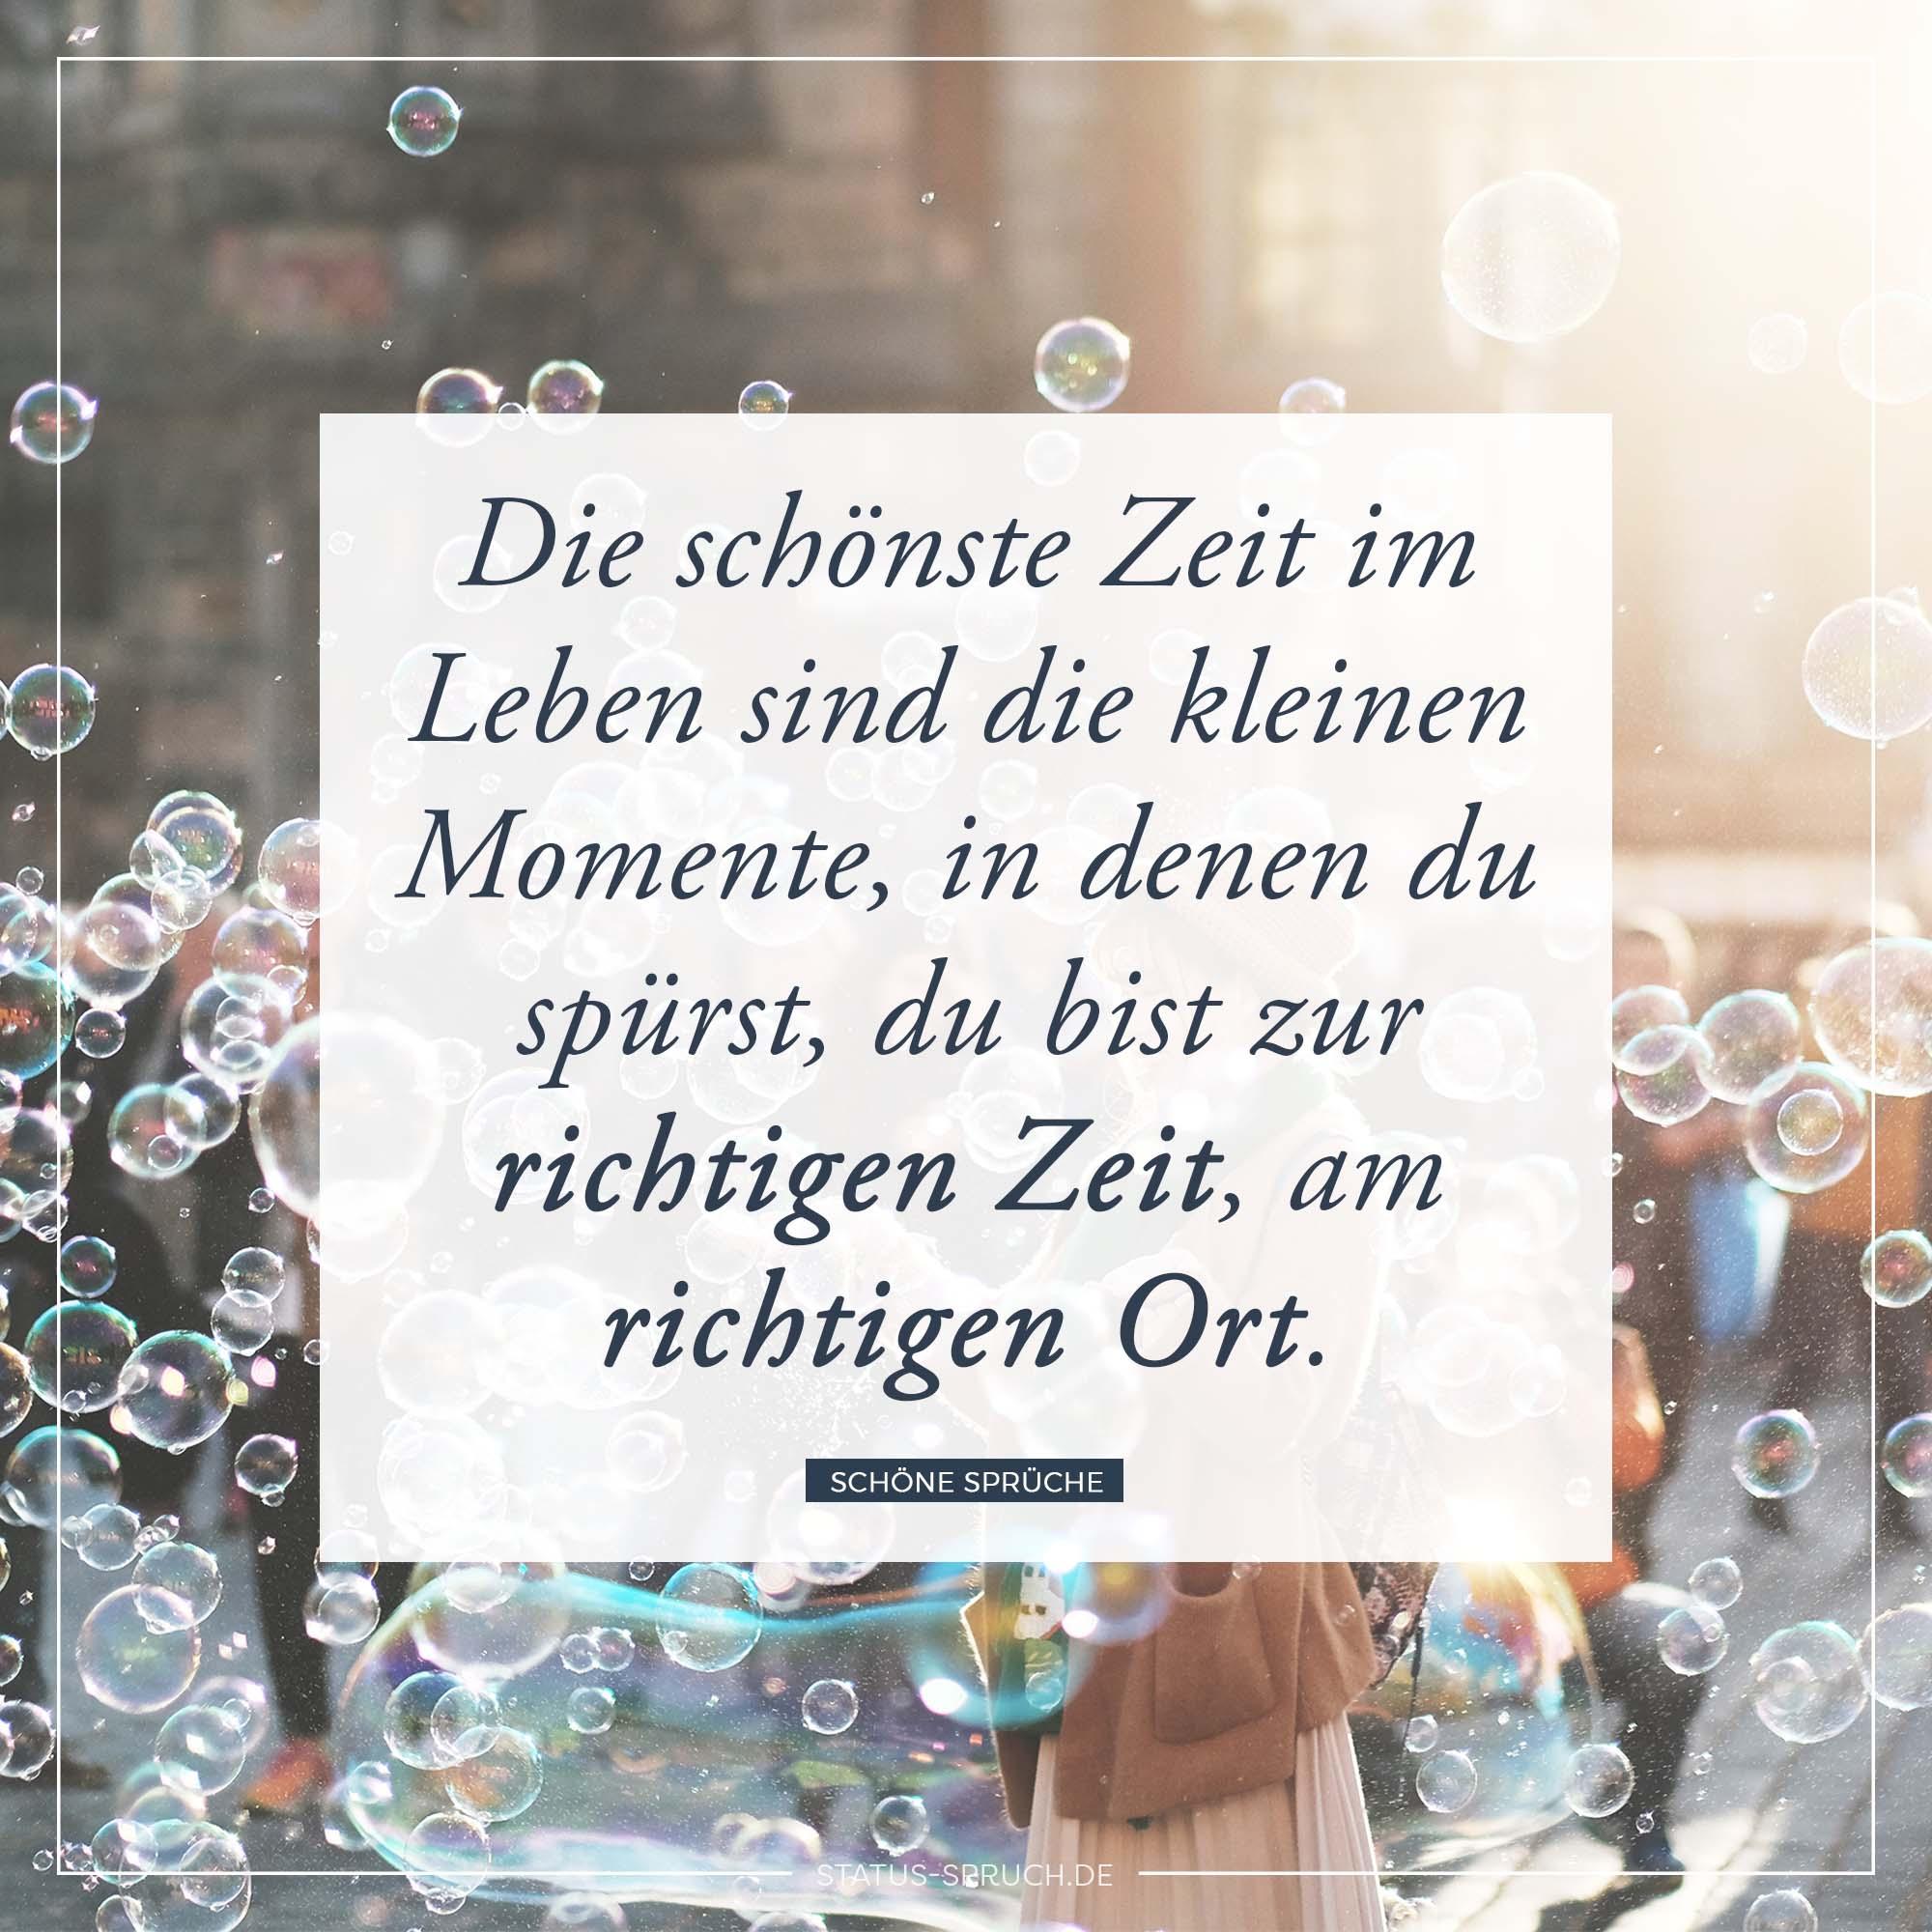 die kleinen momente im leben sprüche Die schönste Zeit im Leben sind die kleinen Momente, in denen du  die kleinen momente im leben sprüche